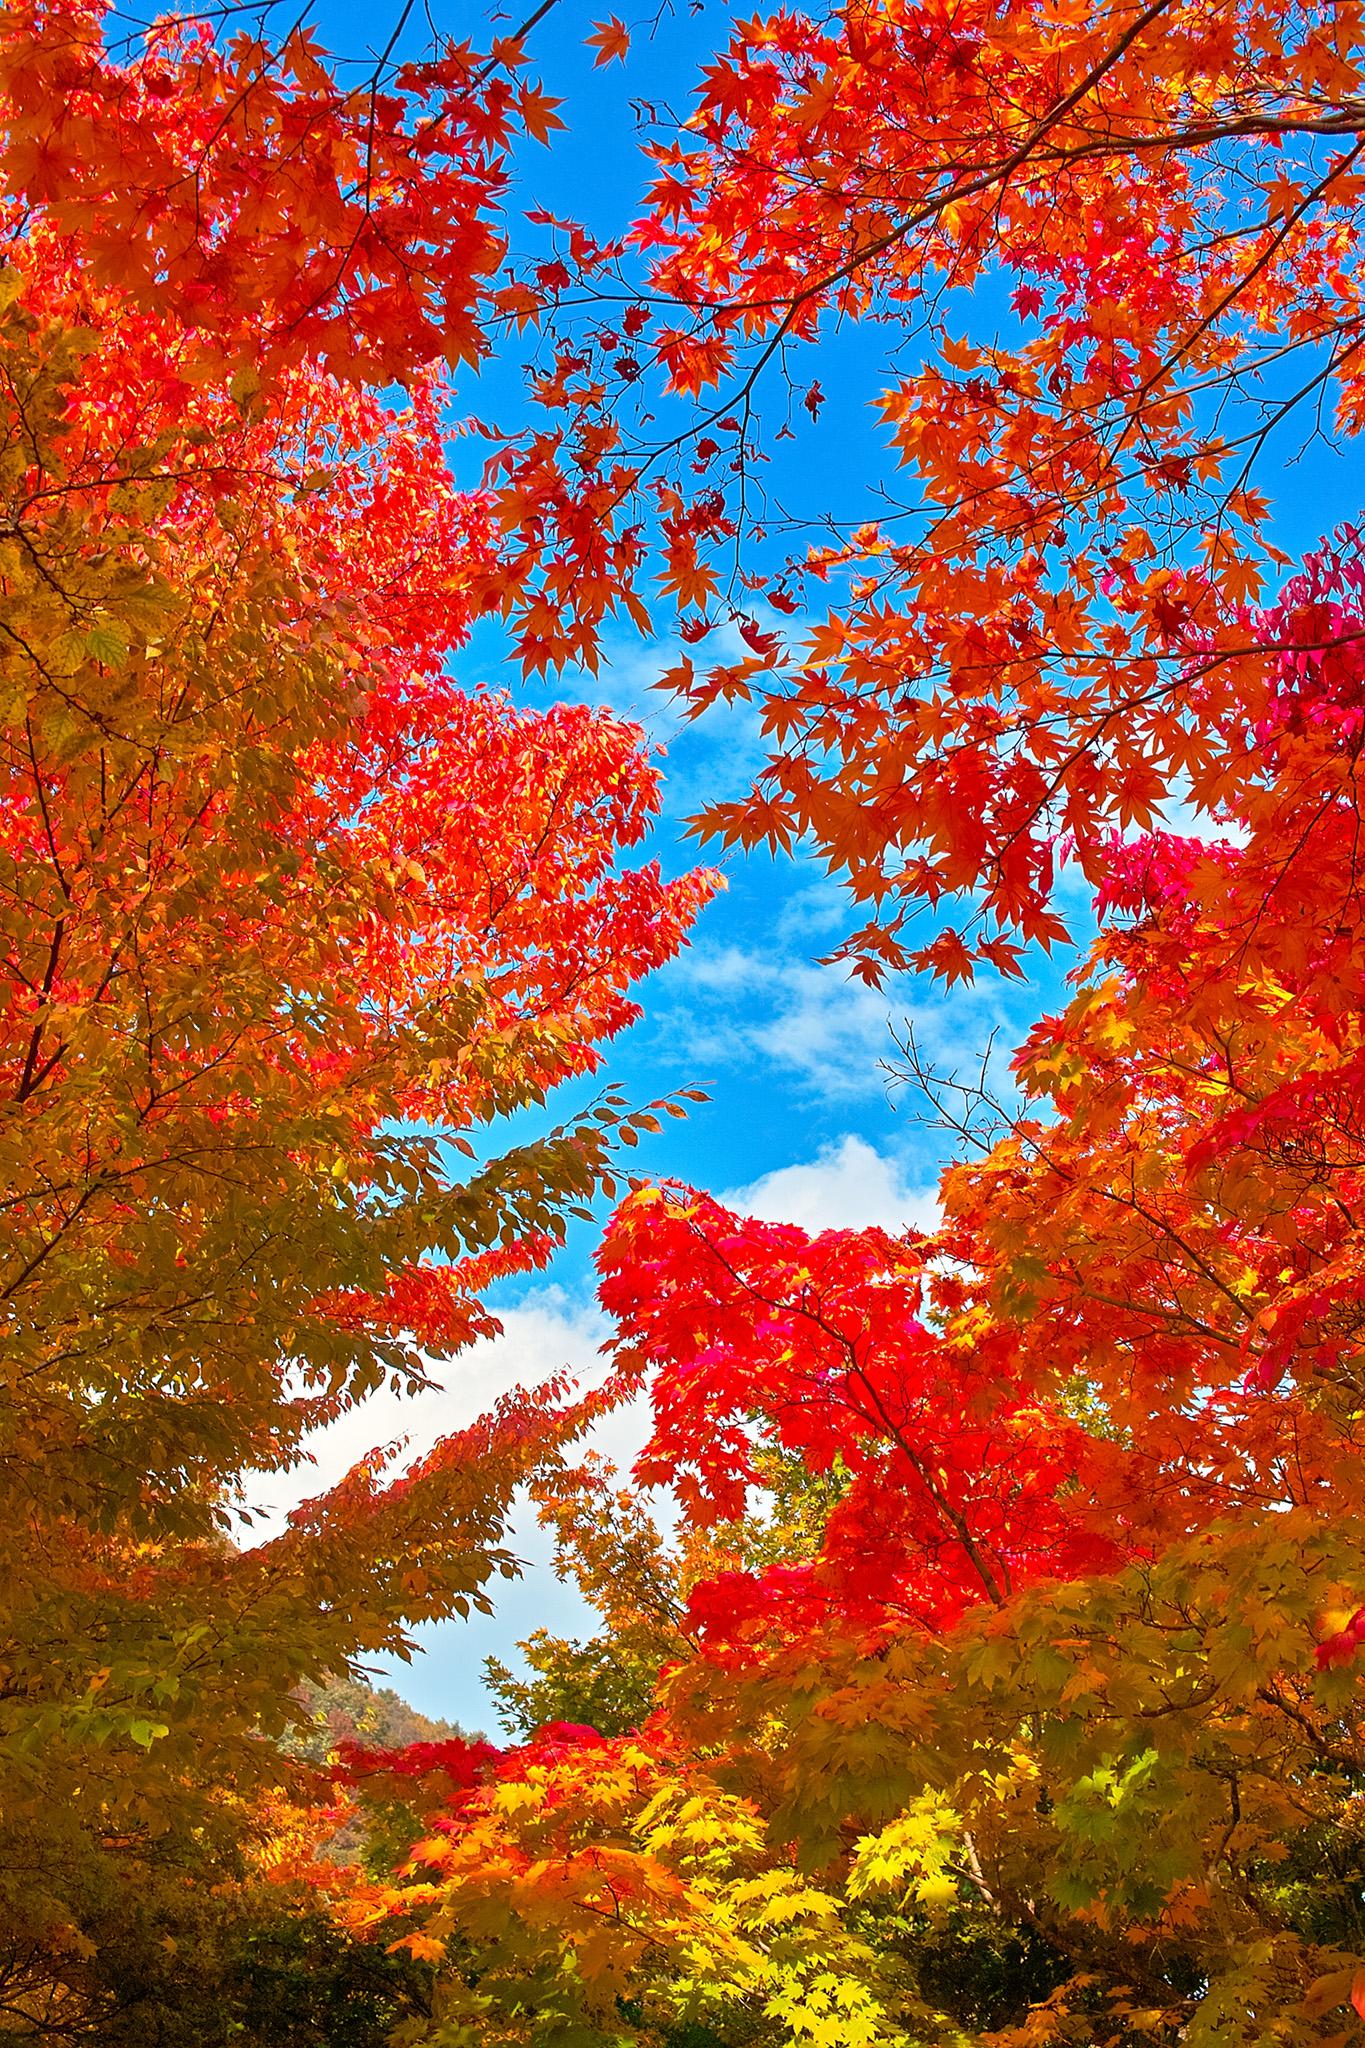 「色彩豊かな秋の背景」の画像を無料ダウンロード